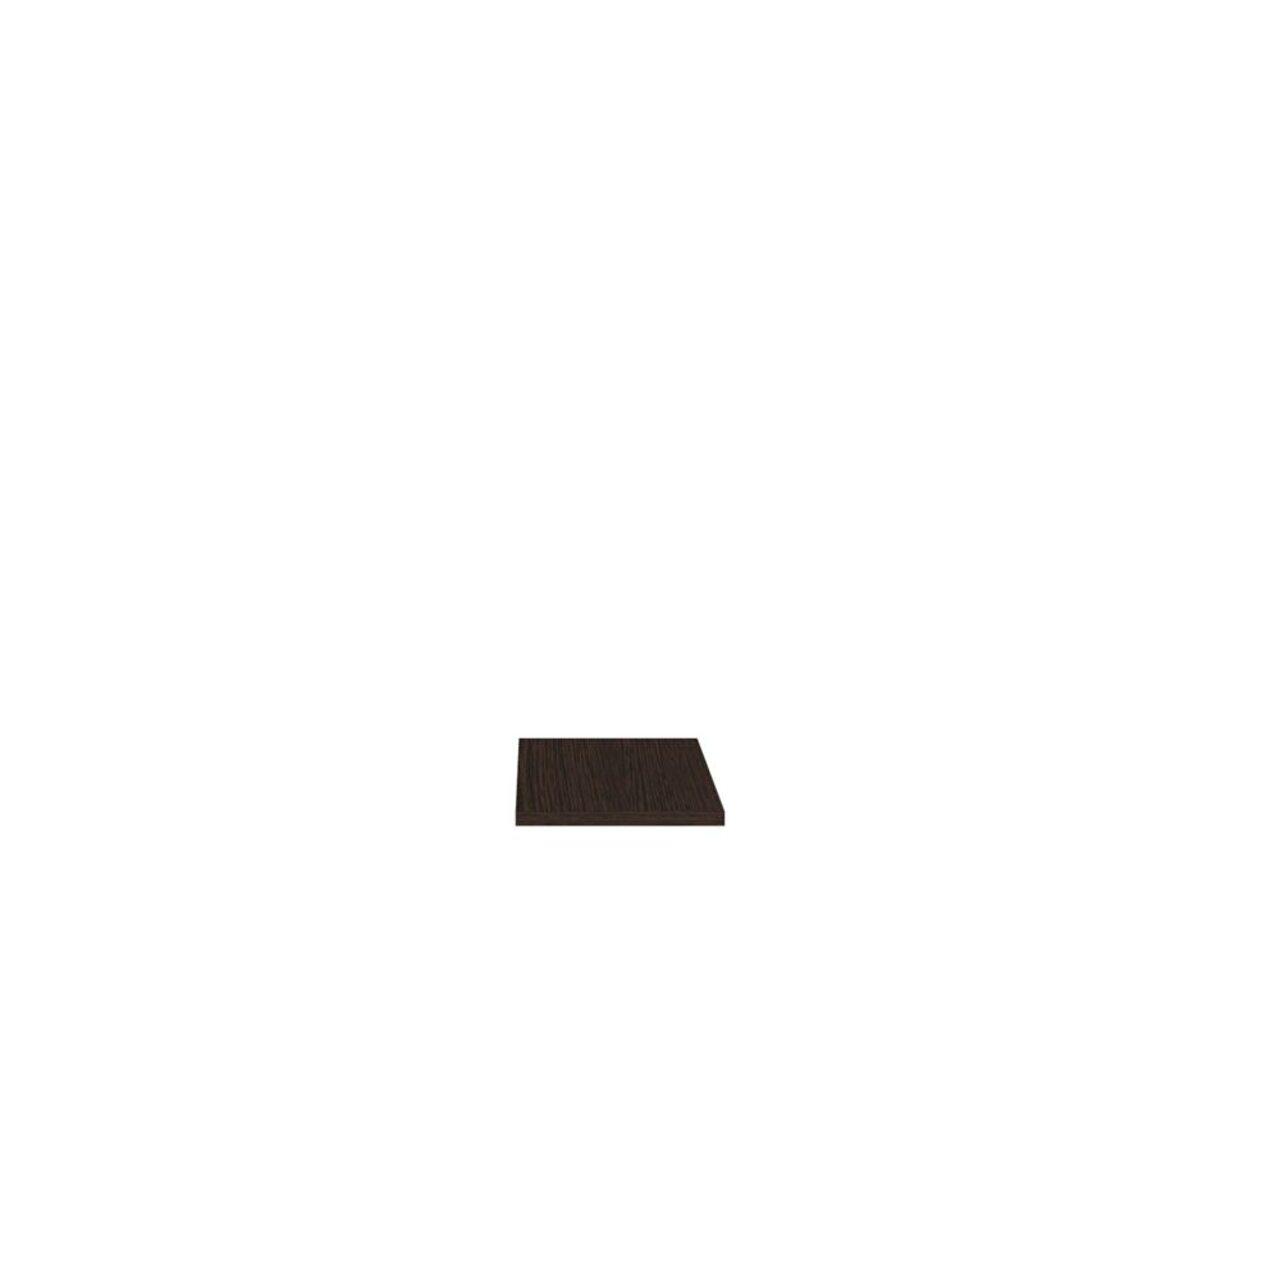 Топ декоративный для стеллажей  Бонд 88x46x4 - фото 4